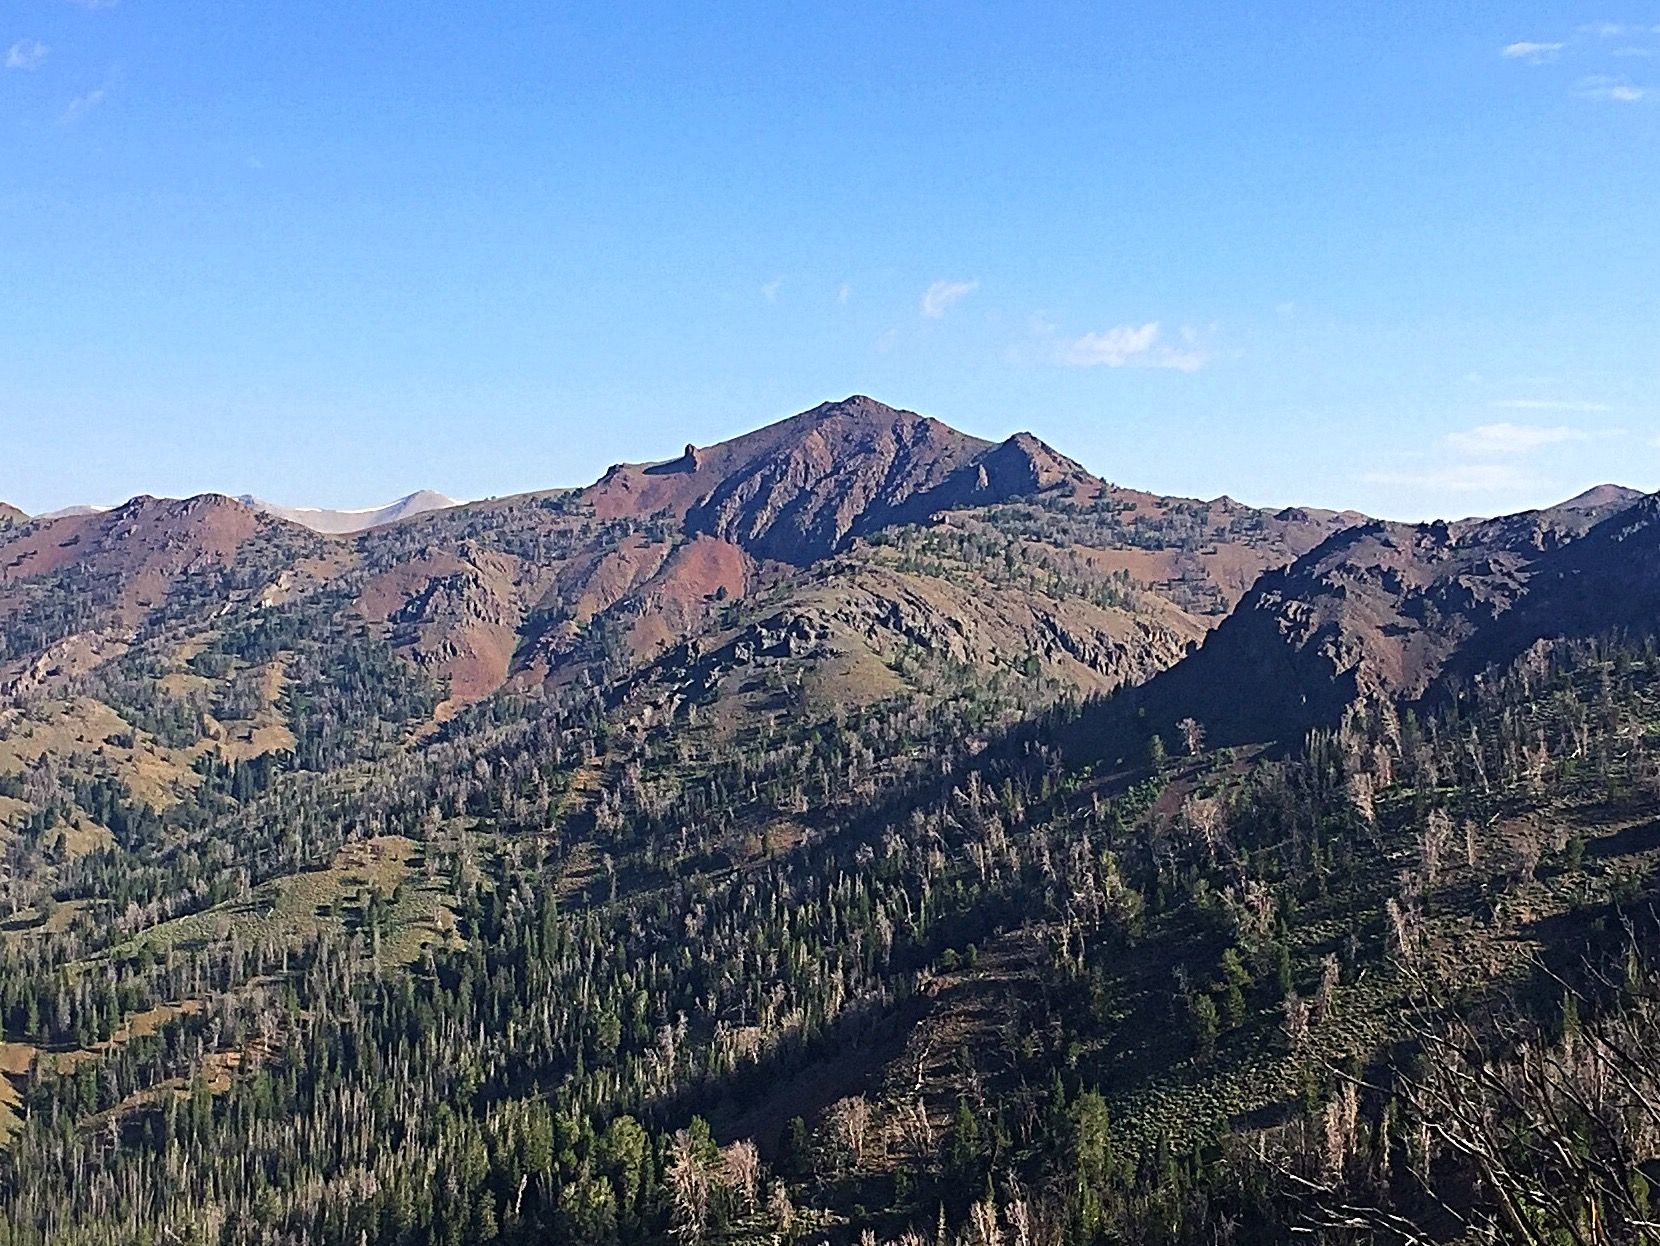 Peak 10522 viewed from near the summit of Meridian Peak.